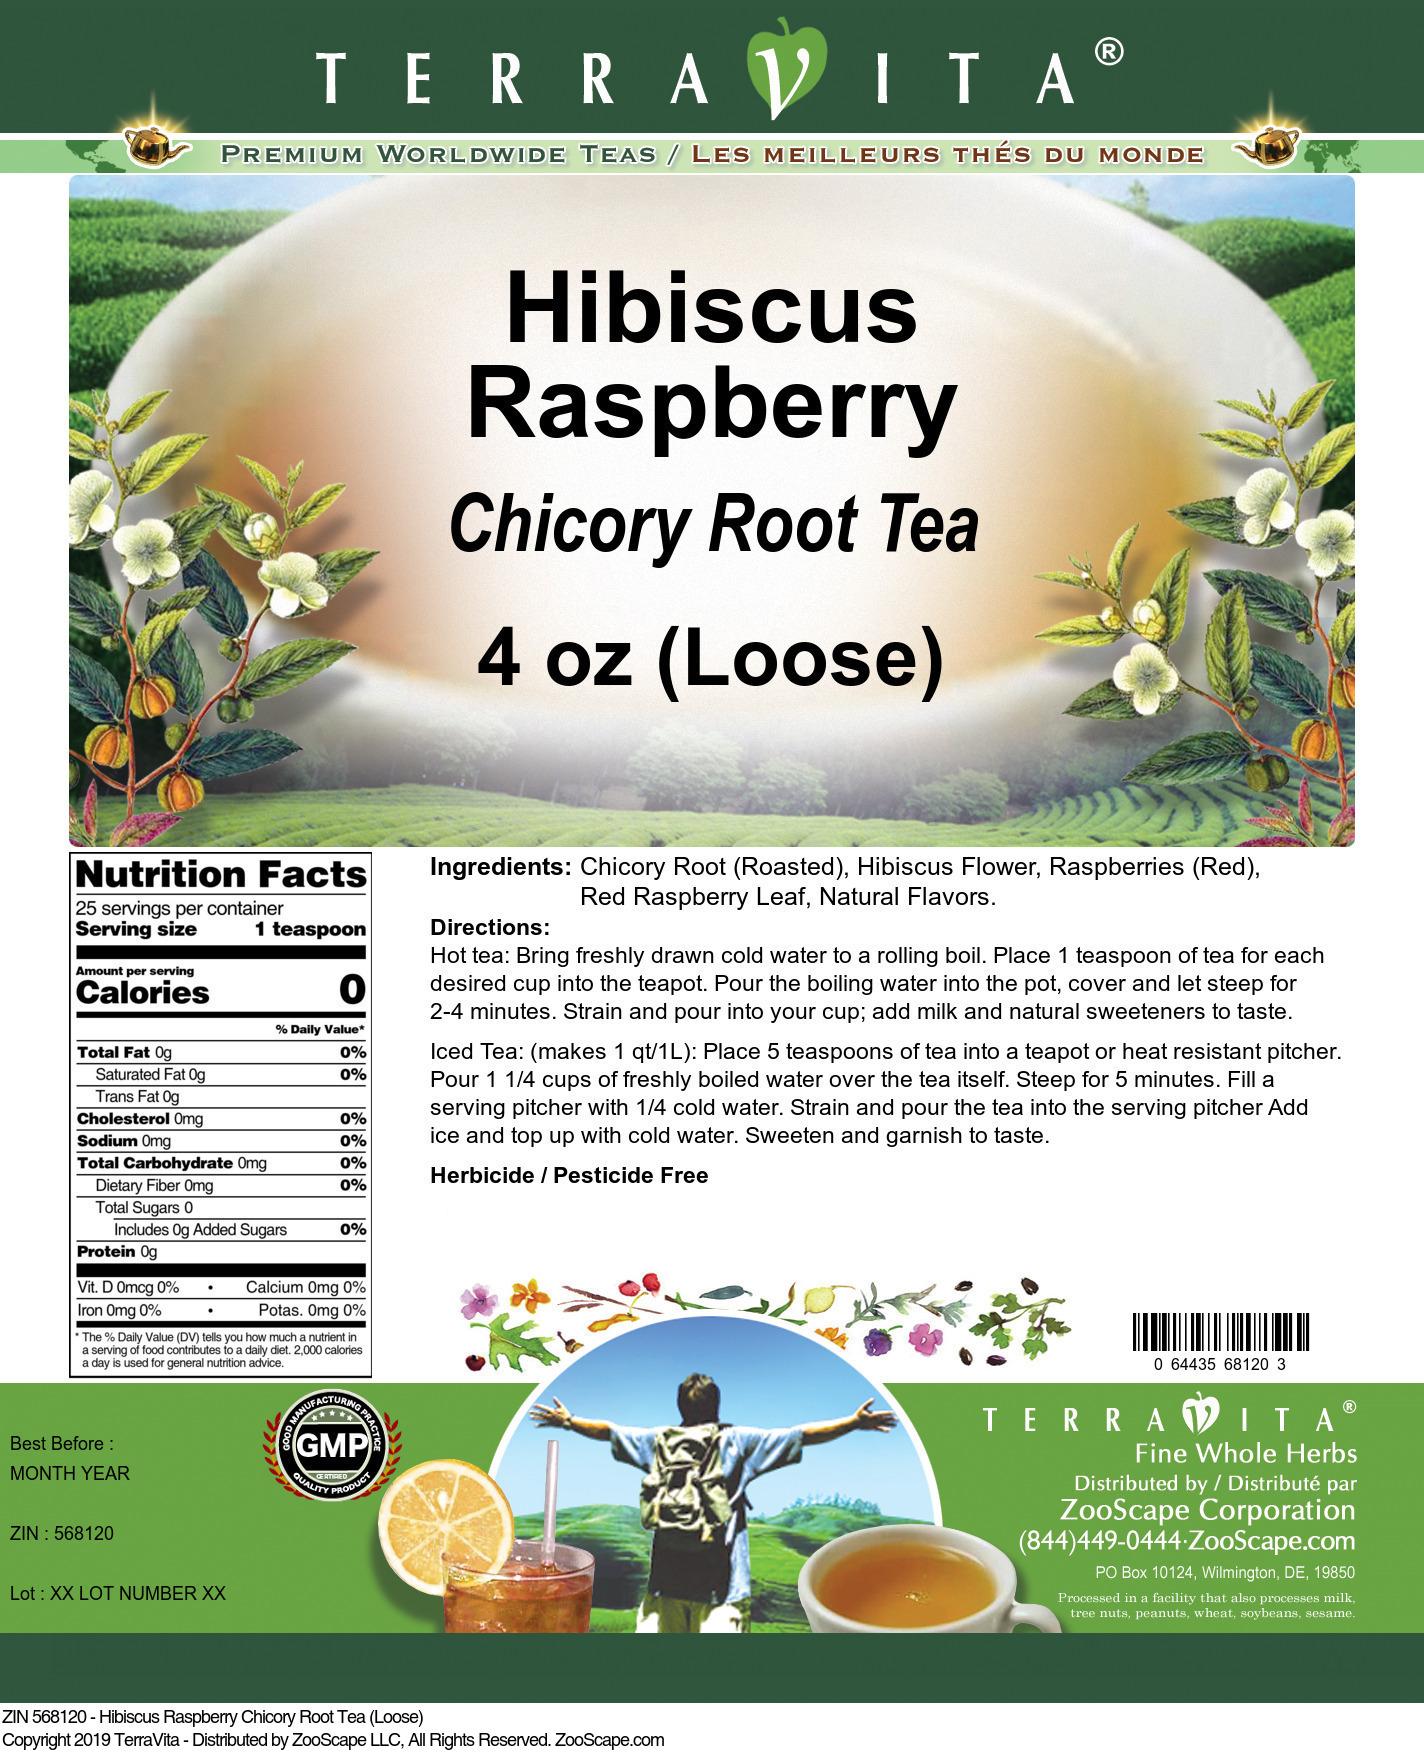 Hibiscus Raspberry Chicory Root